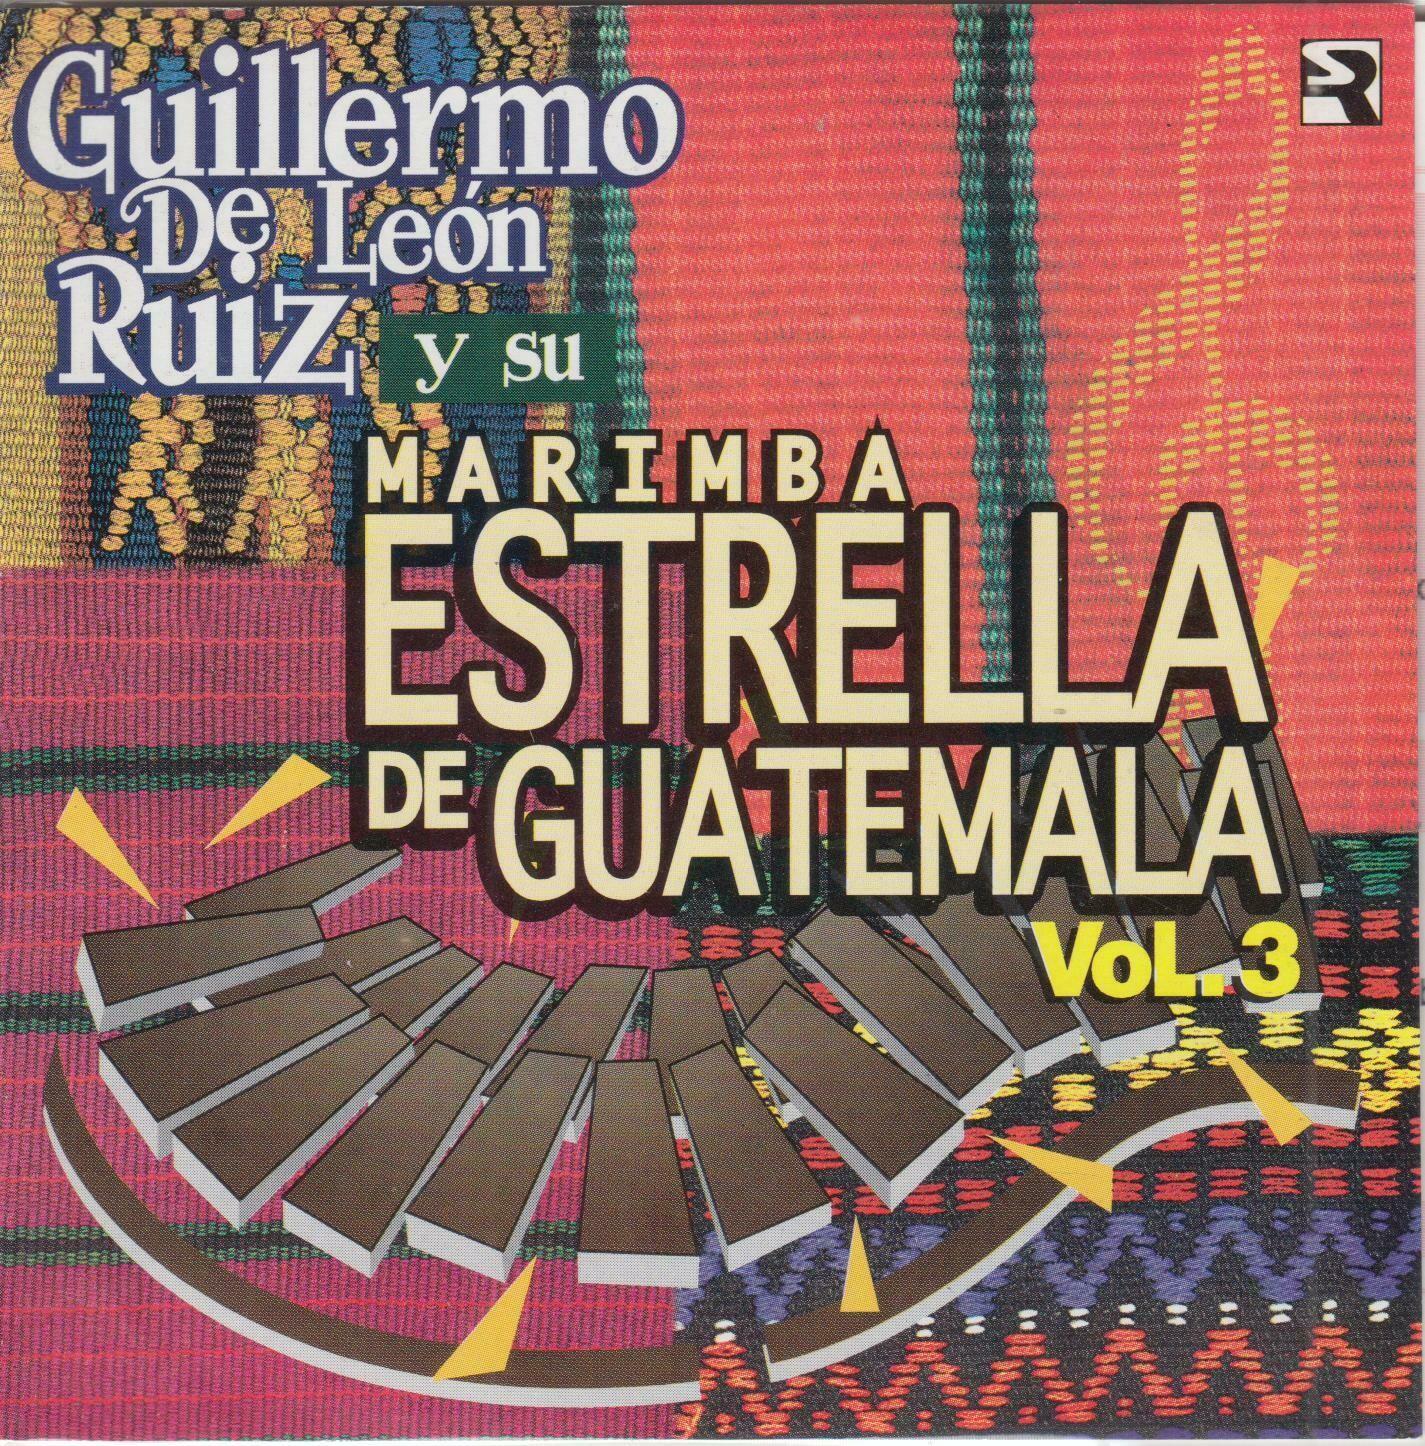 CD Marimba Estrella de Guatemala Vol.3